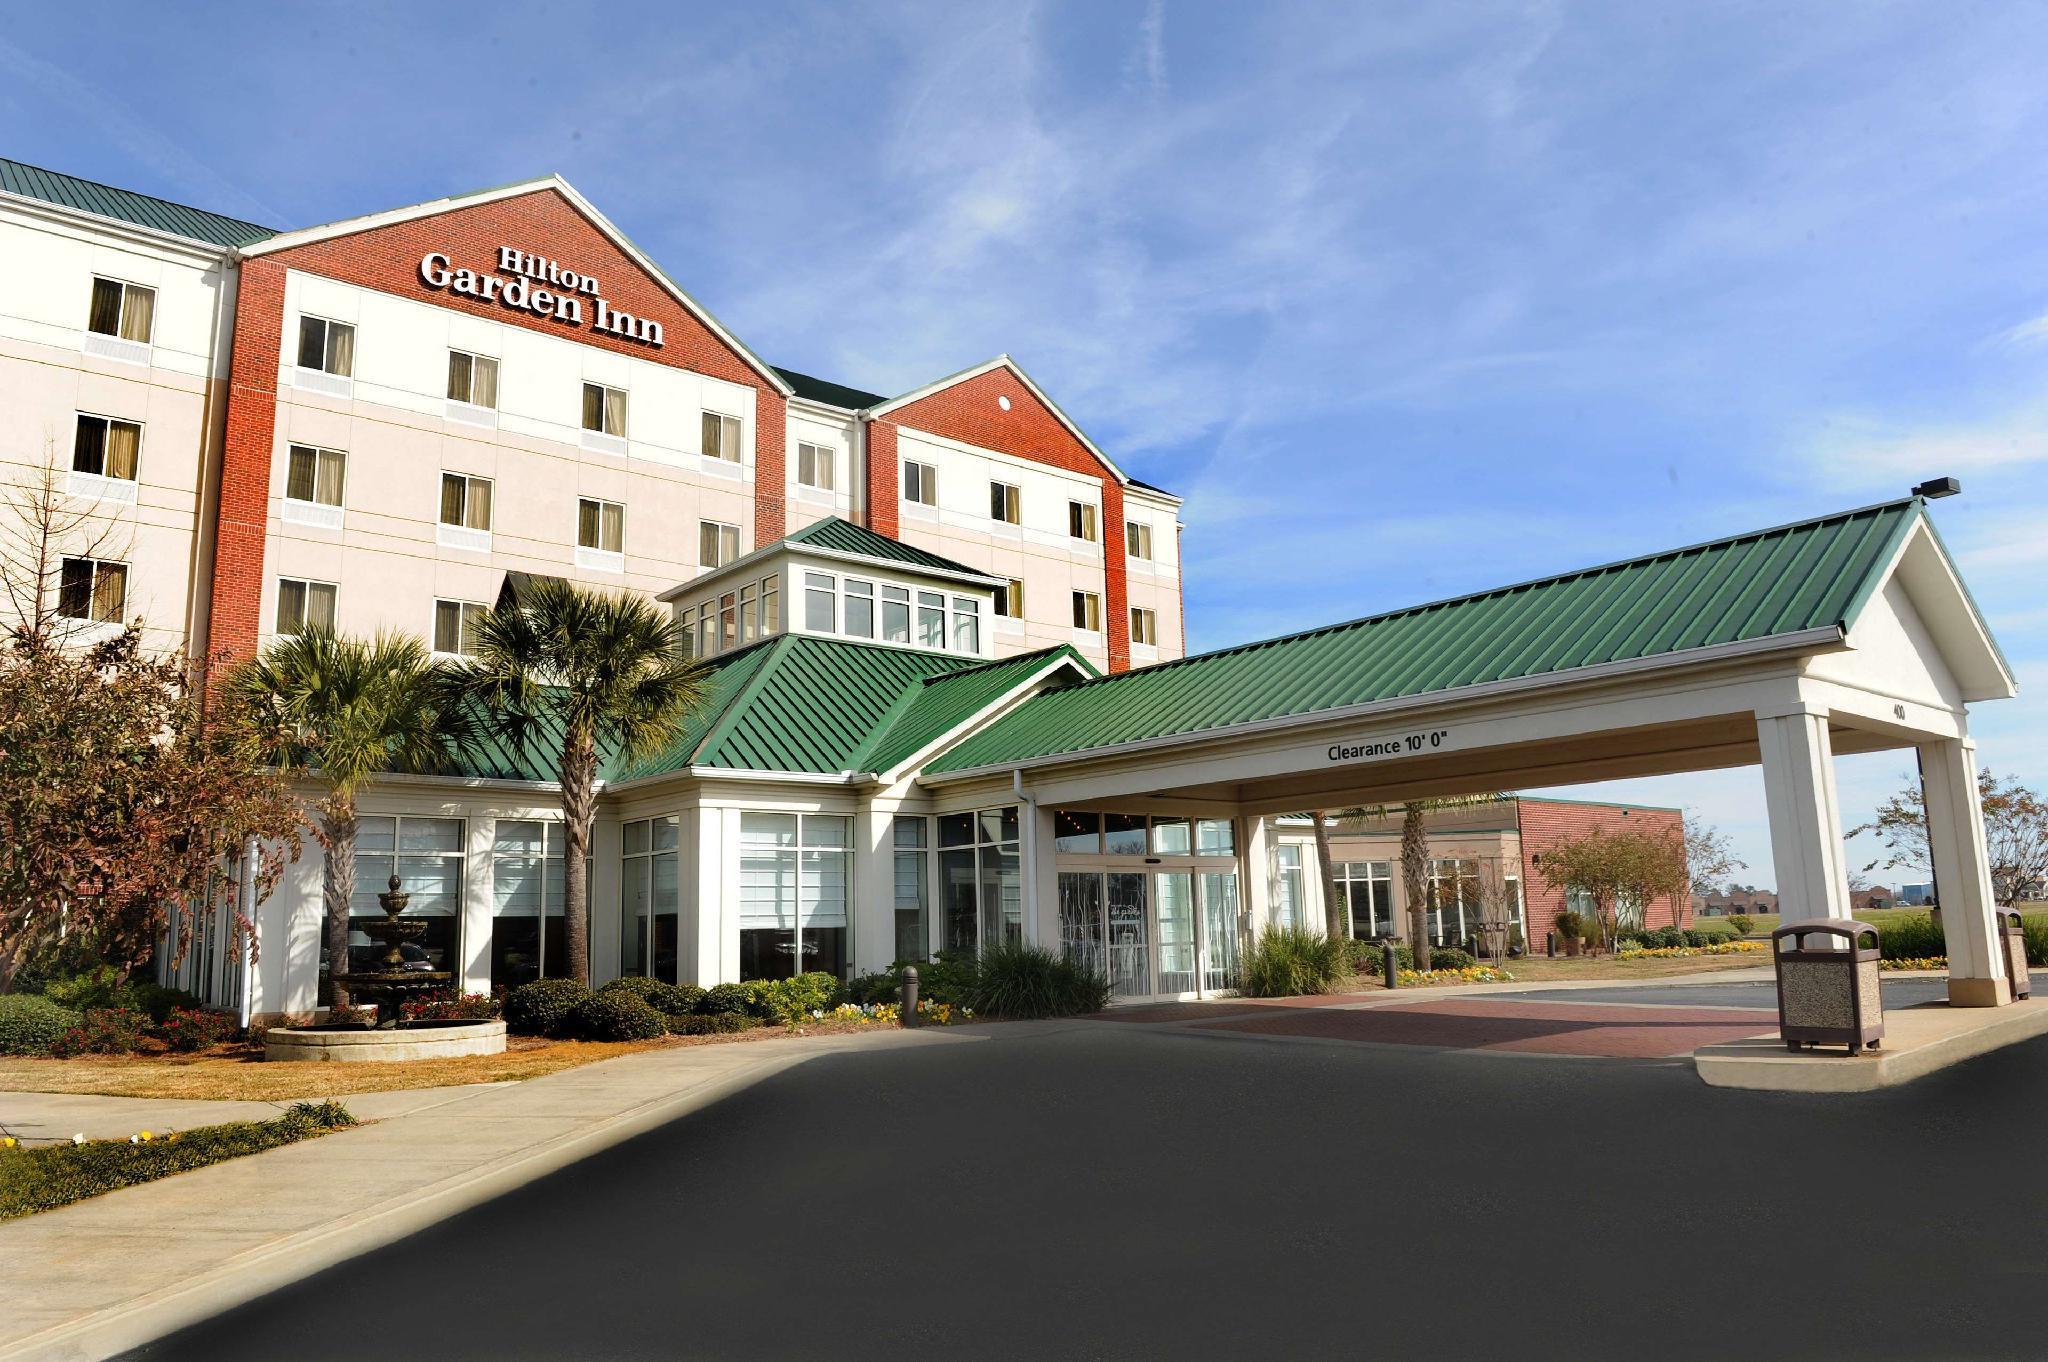 La Hilton Garden Inn West Monroe